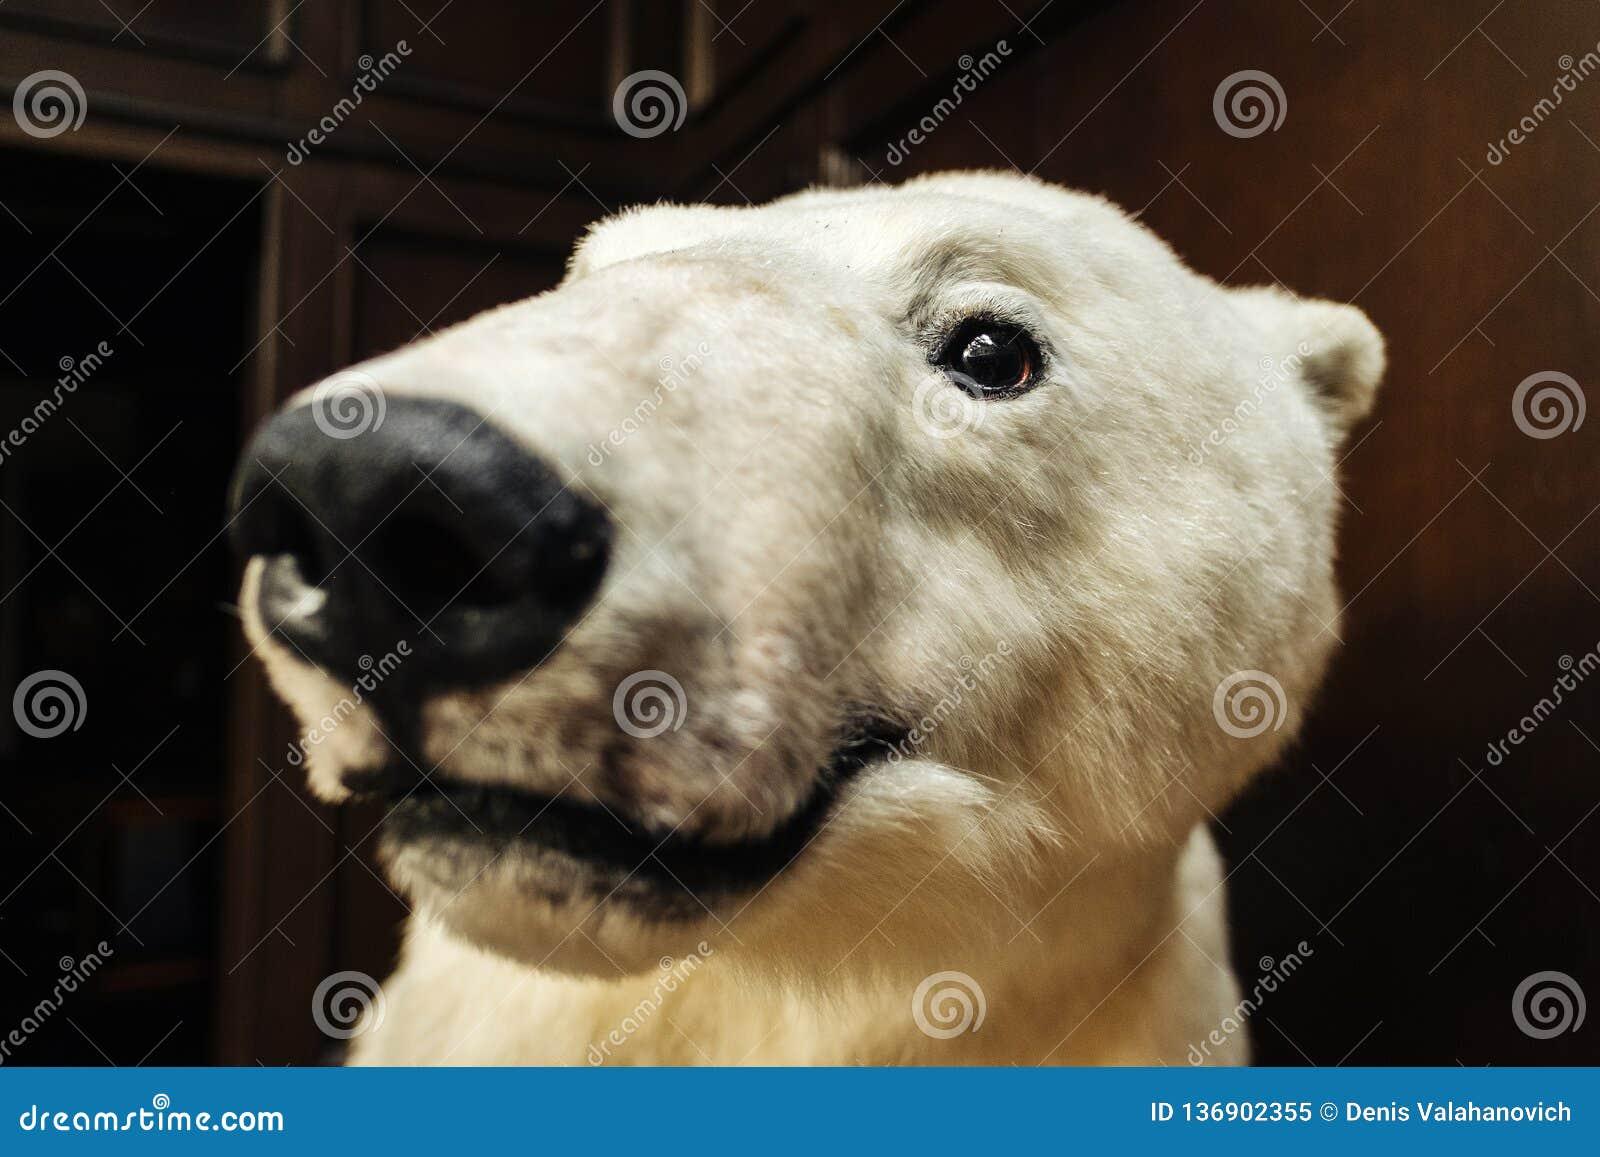 Большой белый медведь смотрит камеру